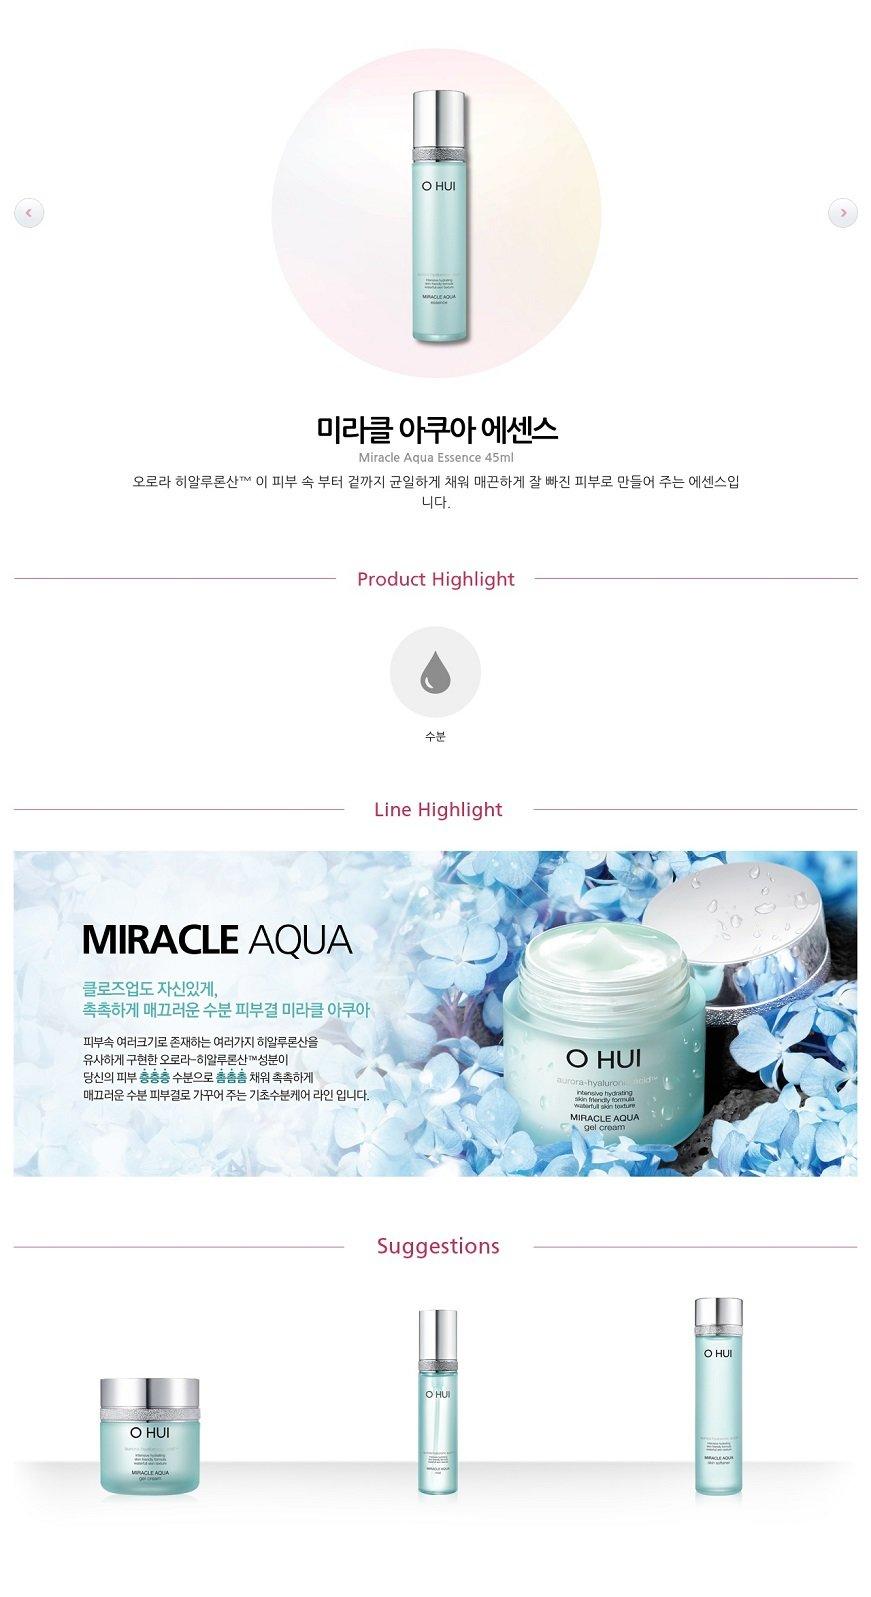 OHUI Miracle Aqua Essence 45ml malaysia singapore indonesia